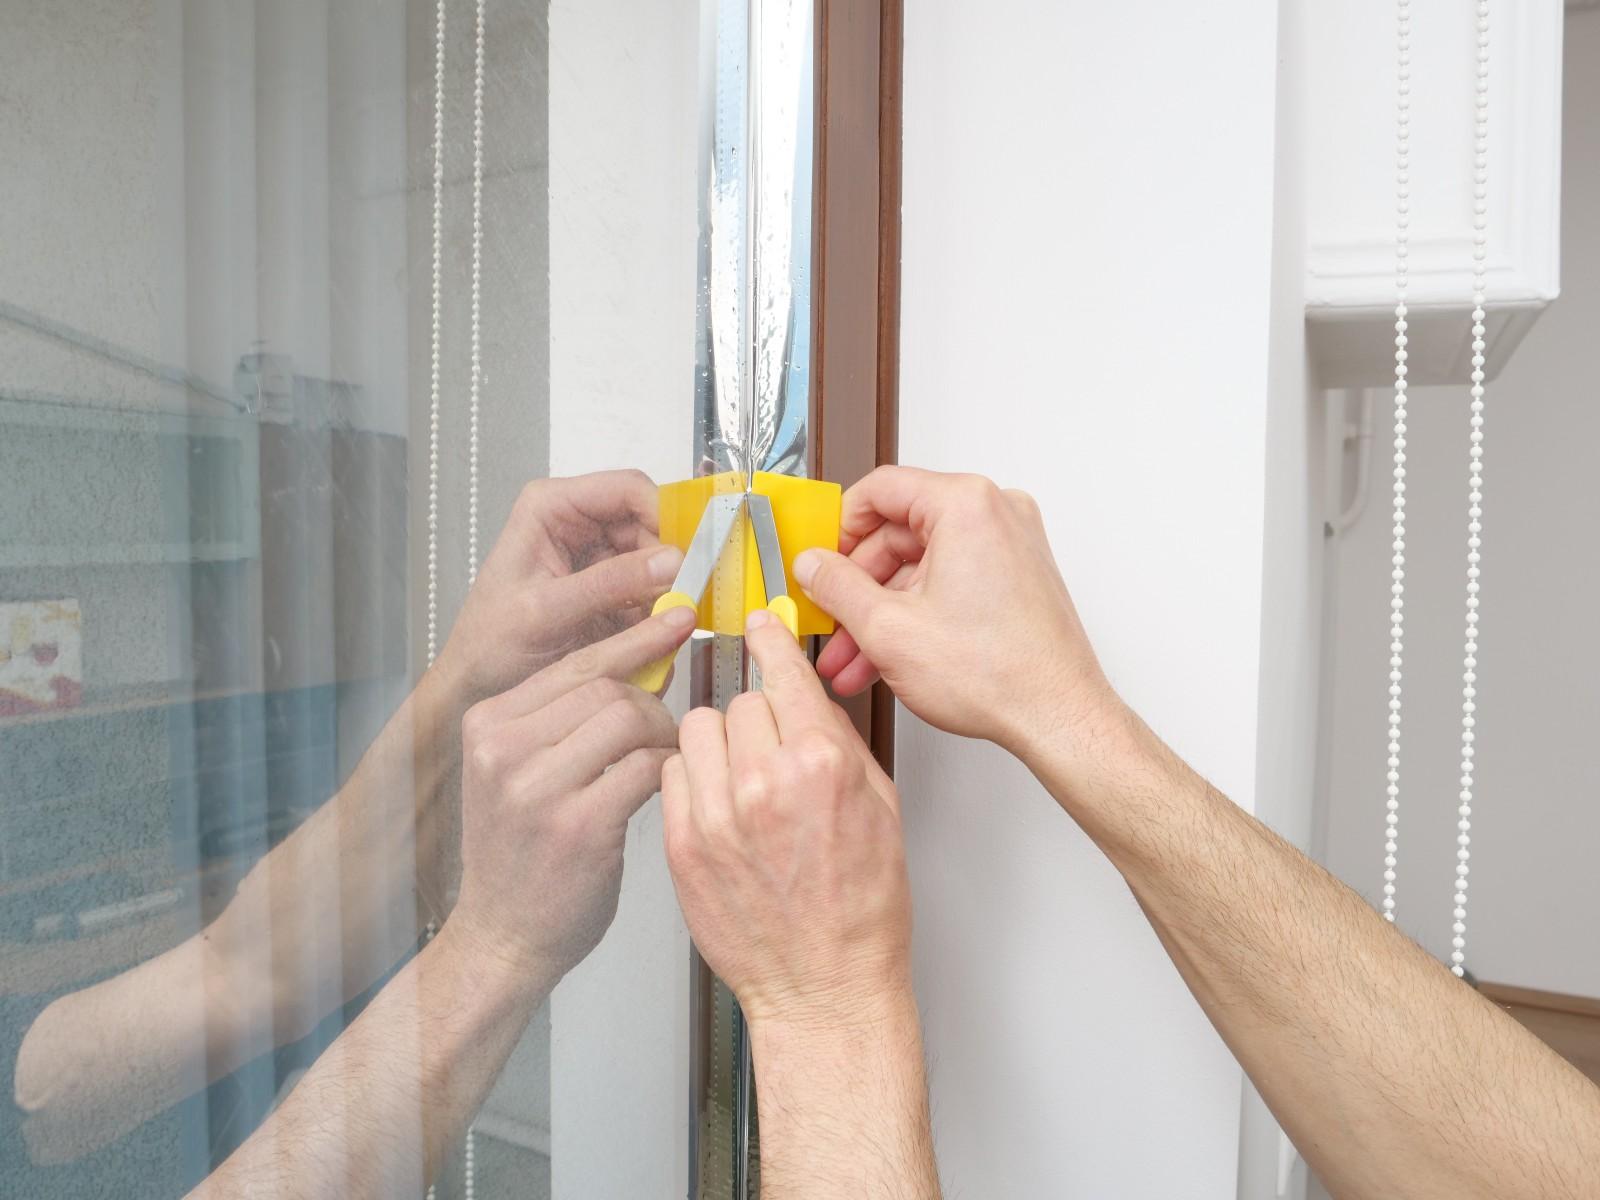 A felesleges részeket le kell vágni. A csomagban lévő simító és szike páros ez esetben is praktikusan használható!